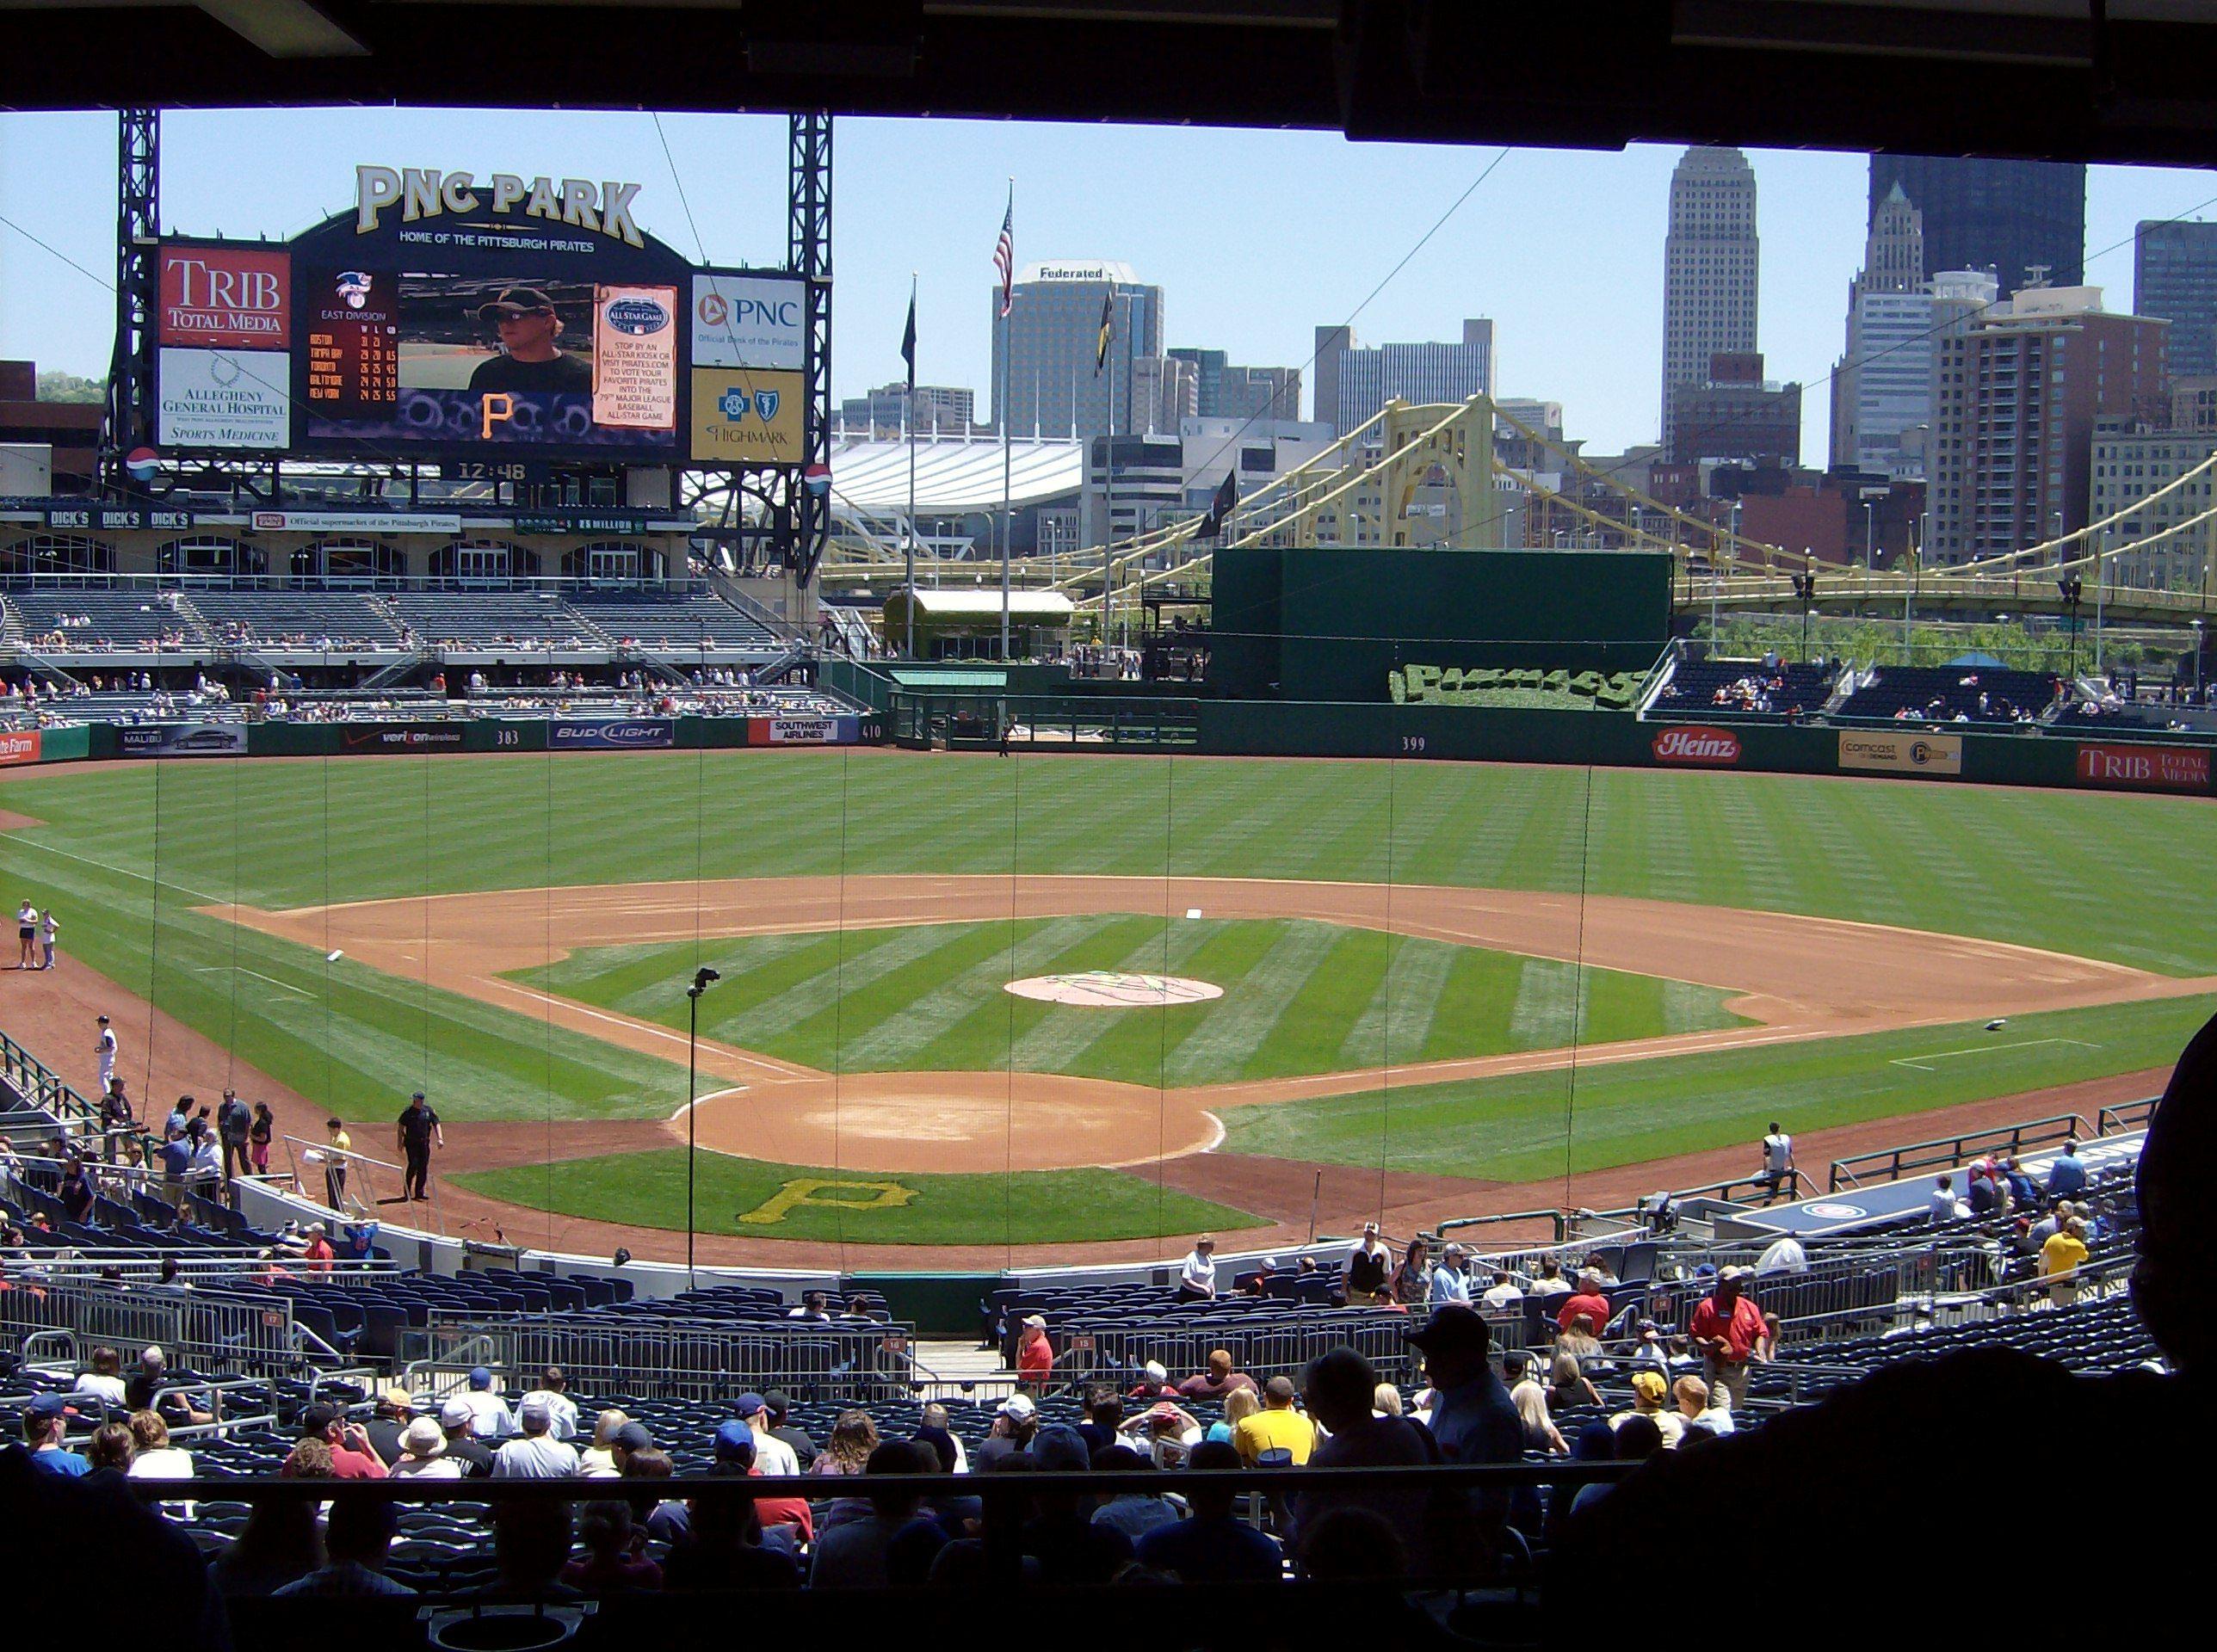 Pnc Park Pittsburgh Pirates Pittsburgh Pirates Baseball Park Pnc Park